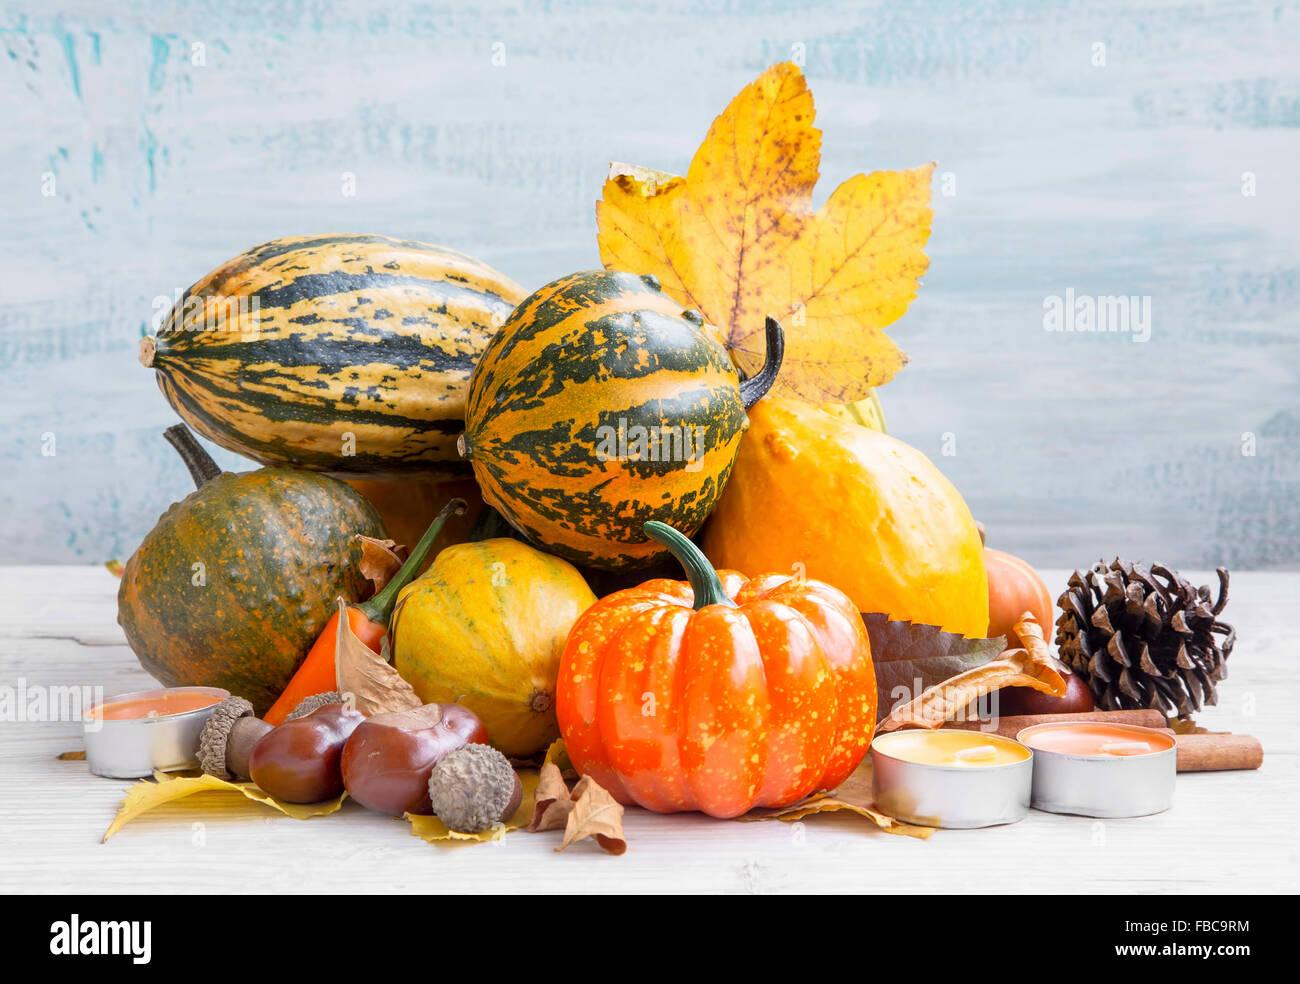 Varietà di zucche di autunno assortimento su legno verniciato Immagini Stock